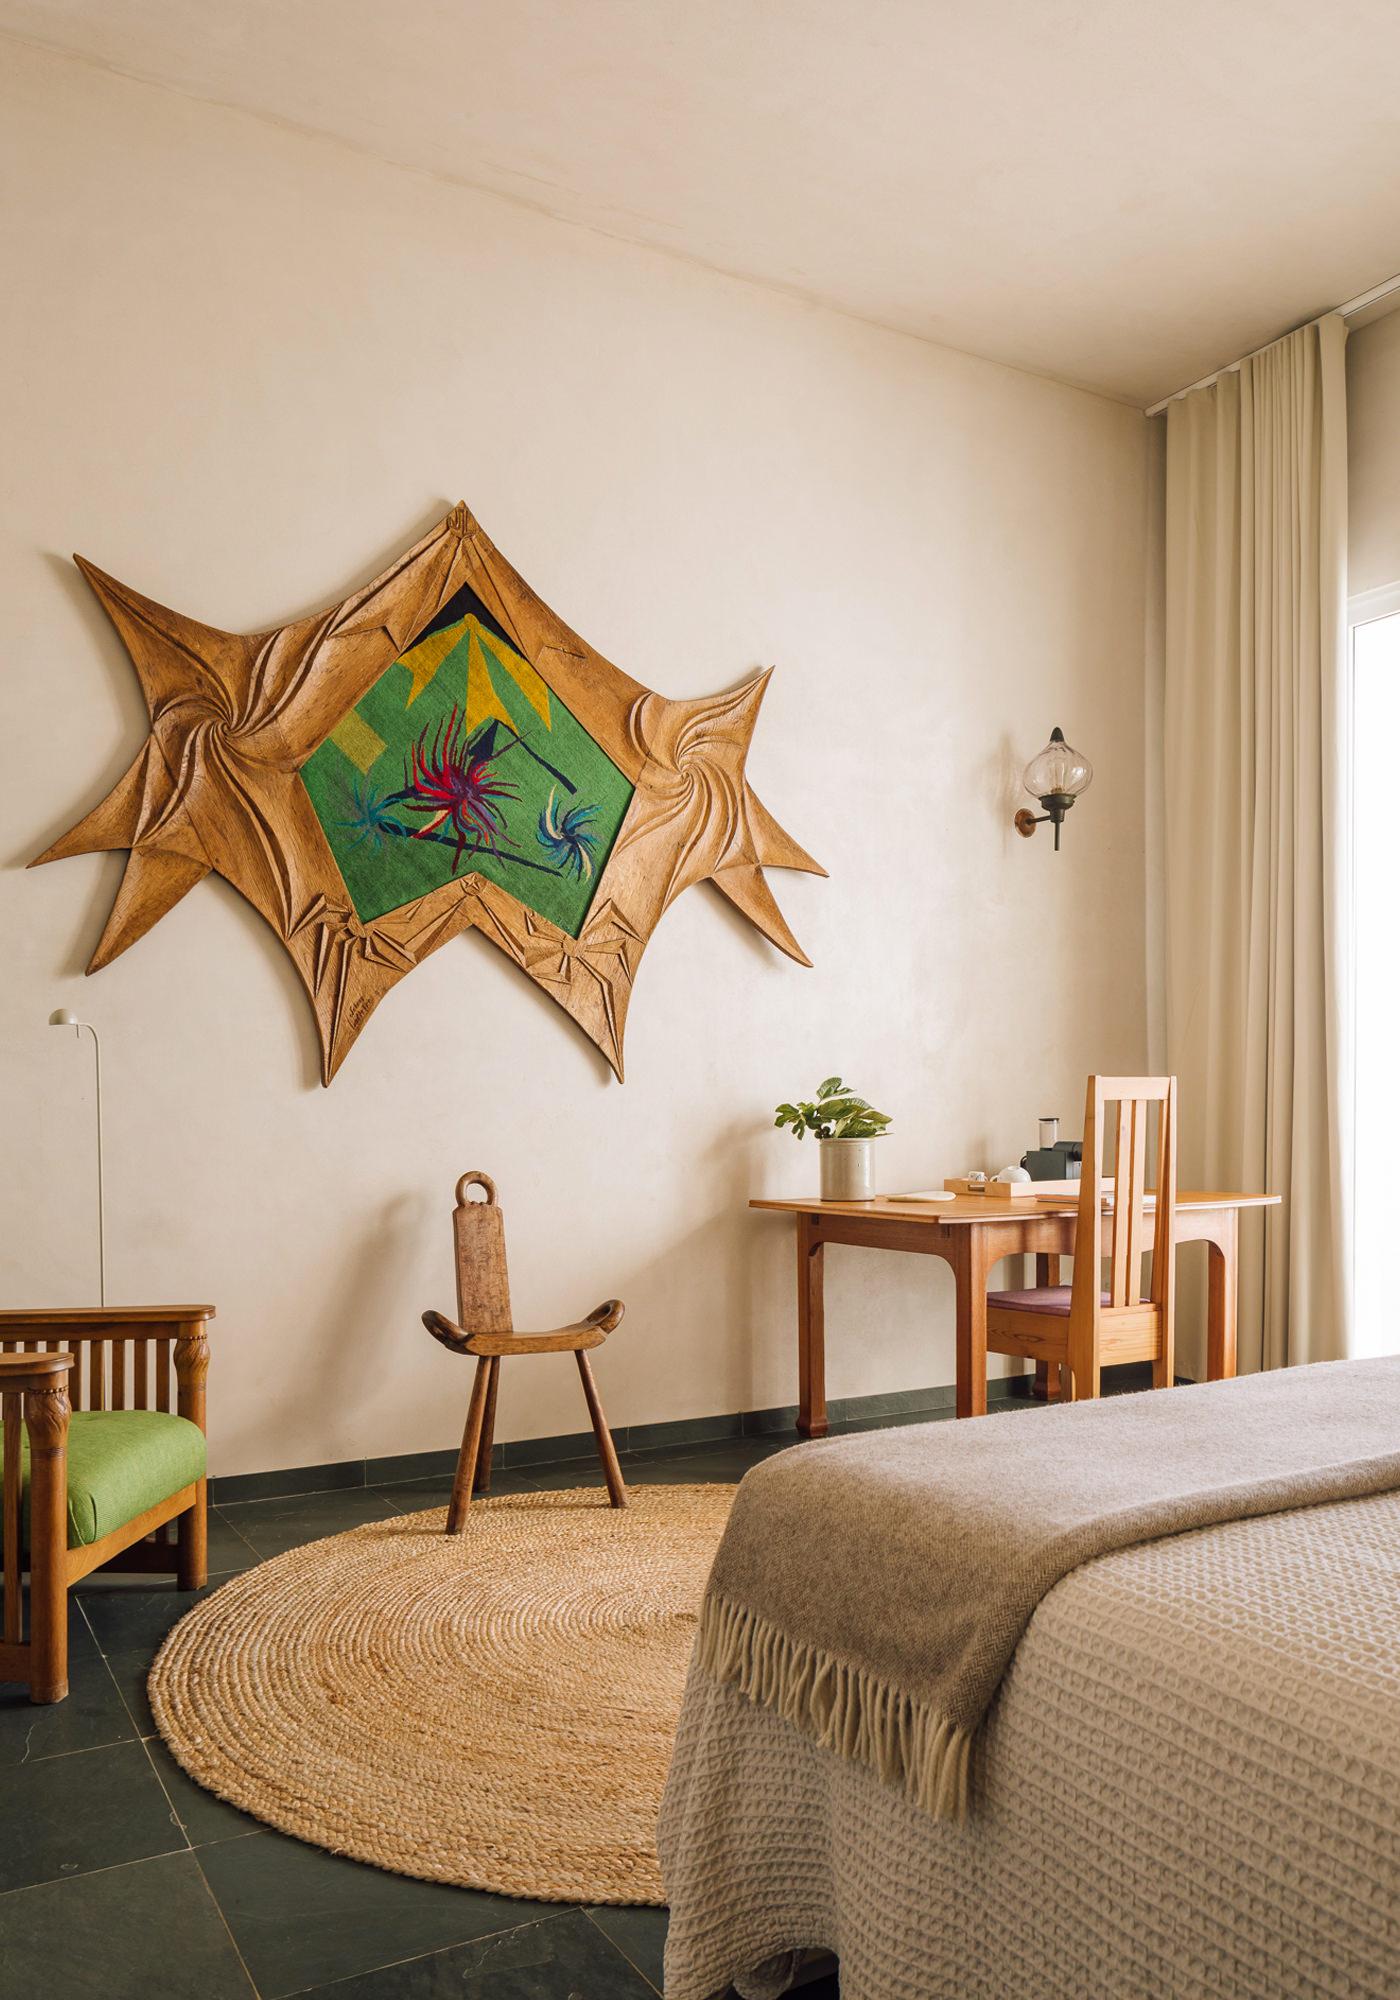 Da Licenca Hotel Alentejo Estremoz Portugal Œuvres d'Art